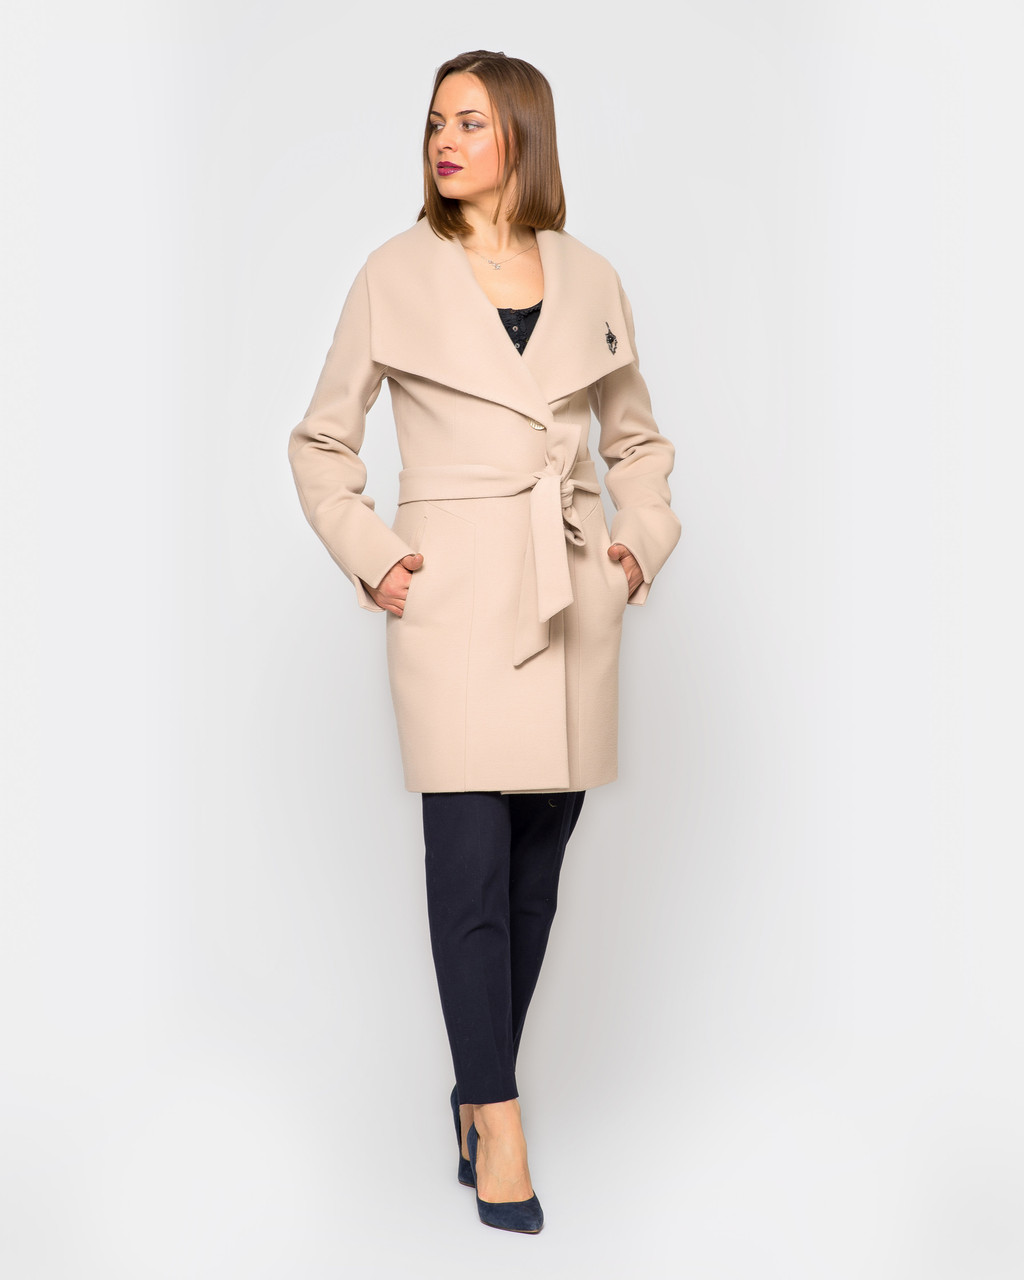 Стильное пальто Леди, разные цвета